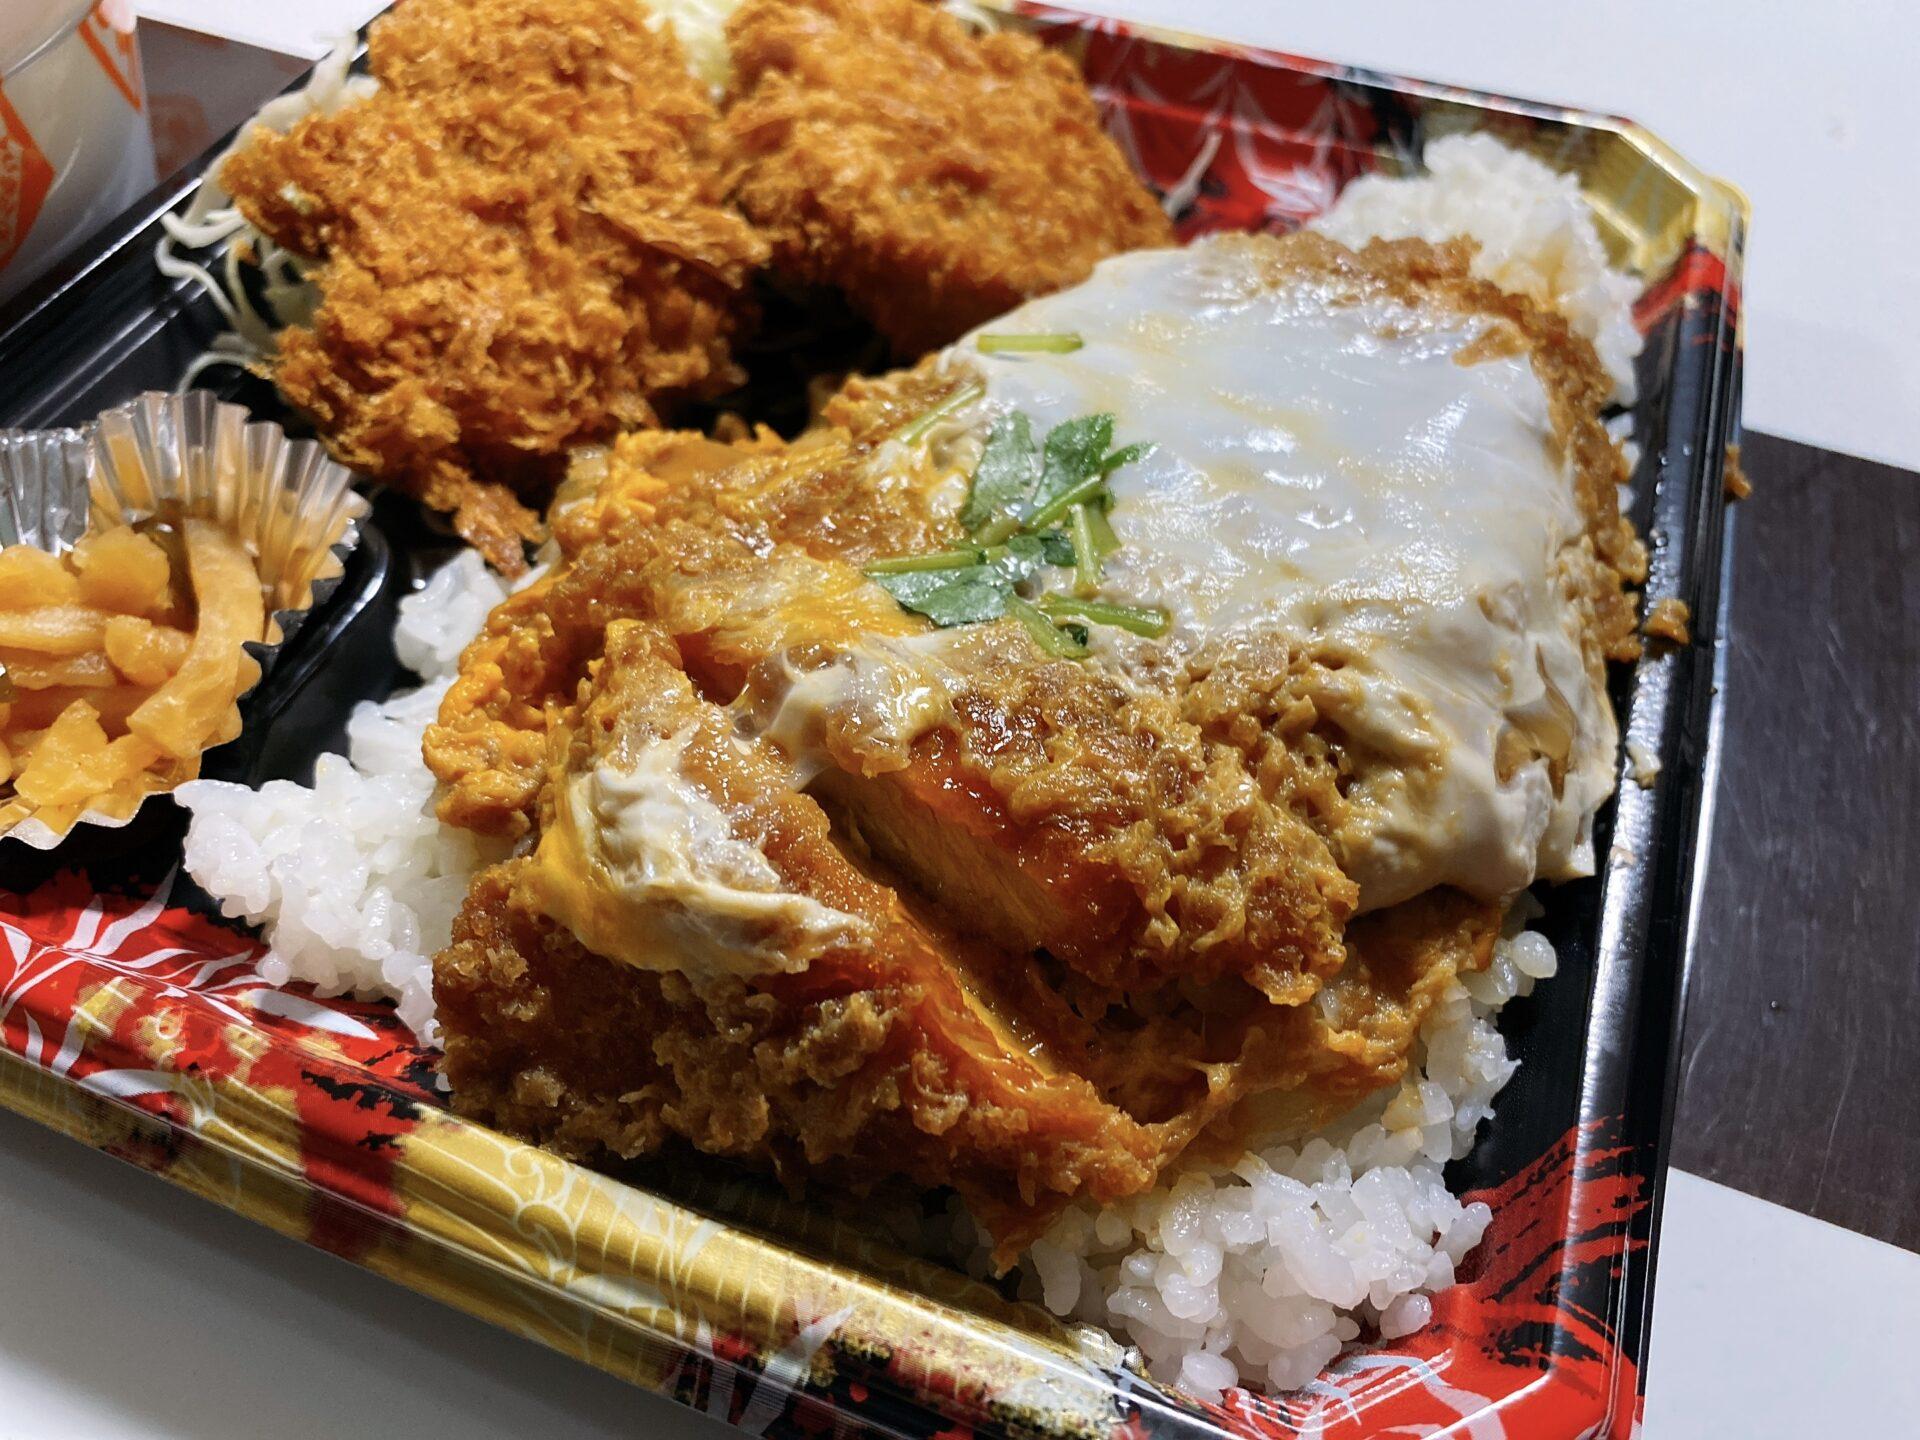 【岡山市中区のテイクアウト】全力飯。かつやの期間限定の丼と弁当はあと少しで終わり 食べるなら今!!